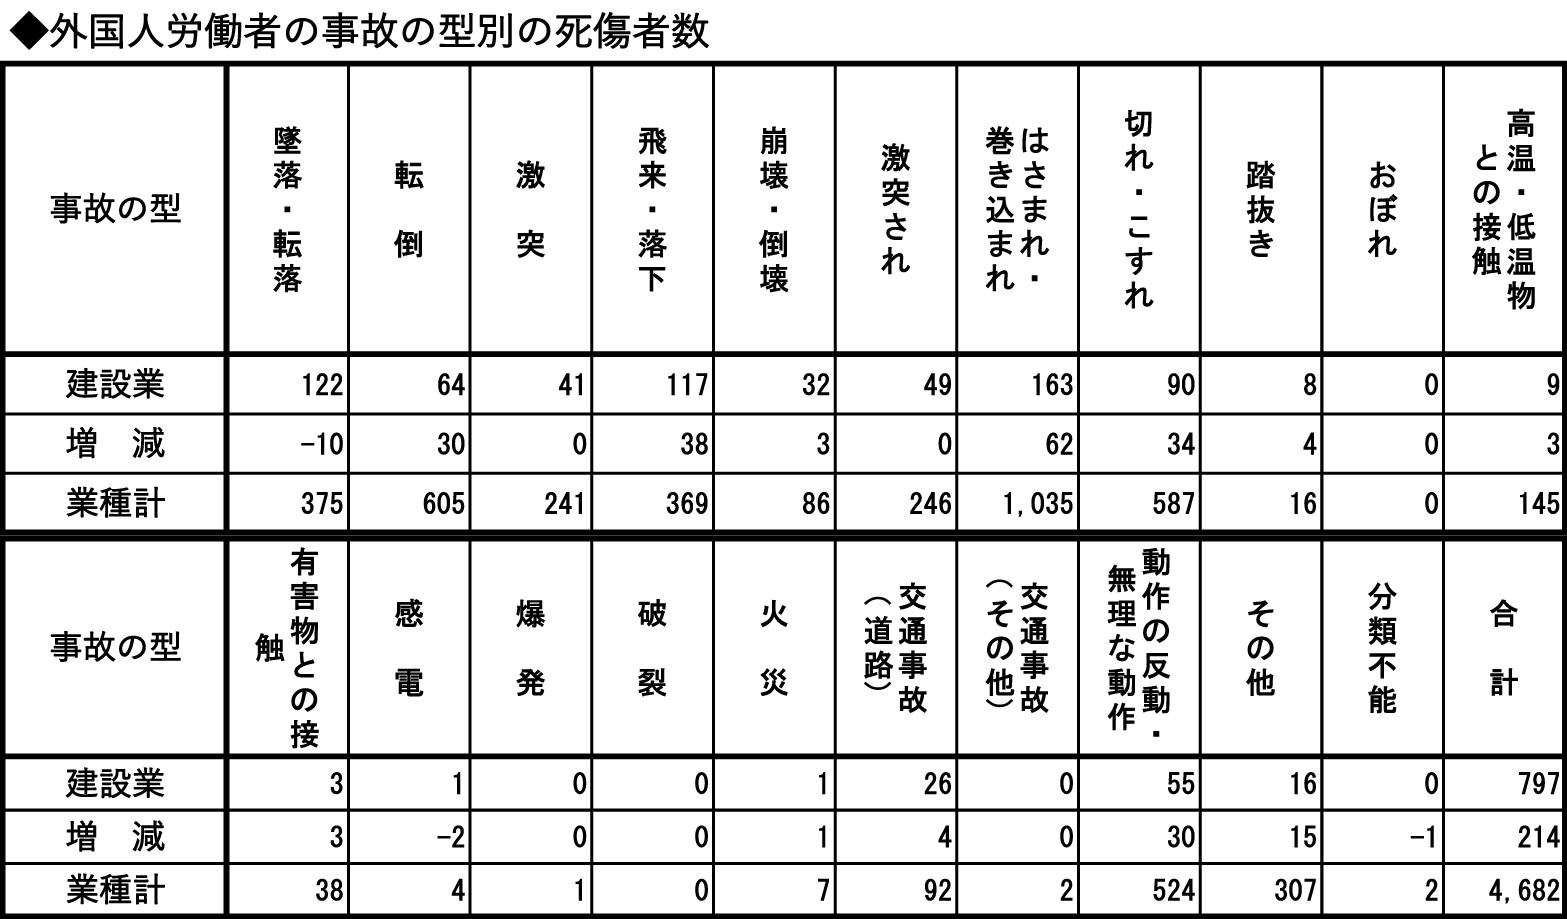 ④-2 外国人労働者の事故の型別の死傷者数